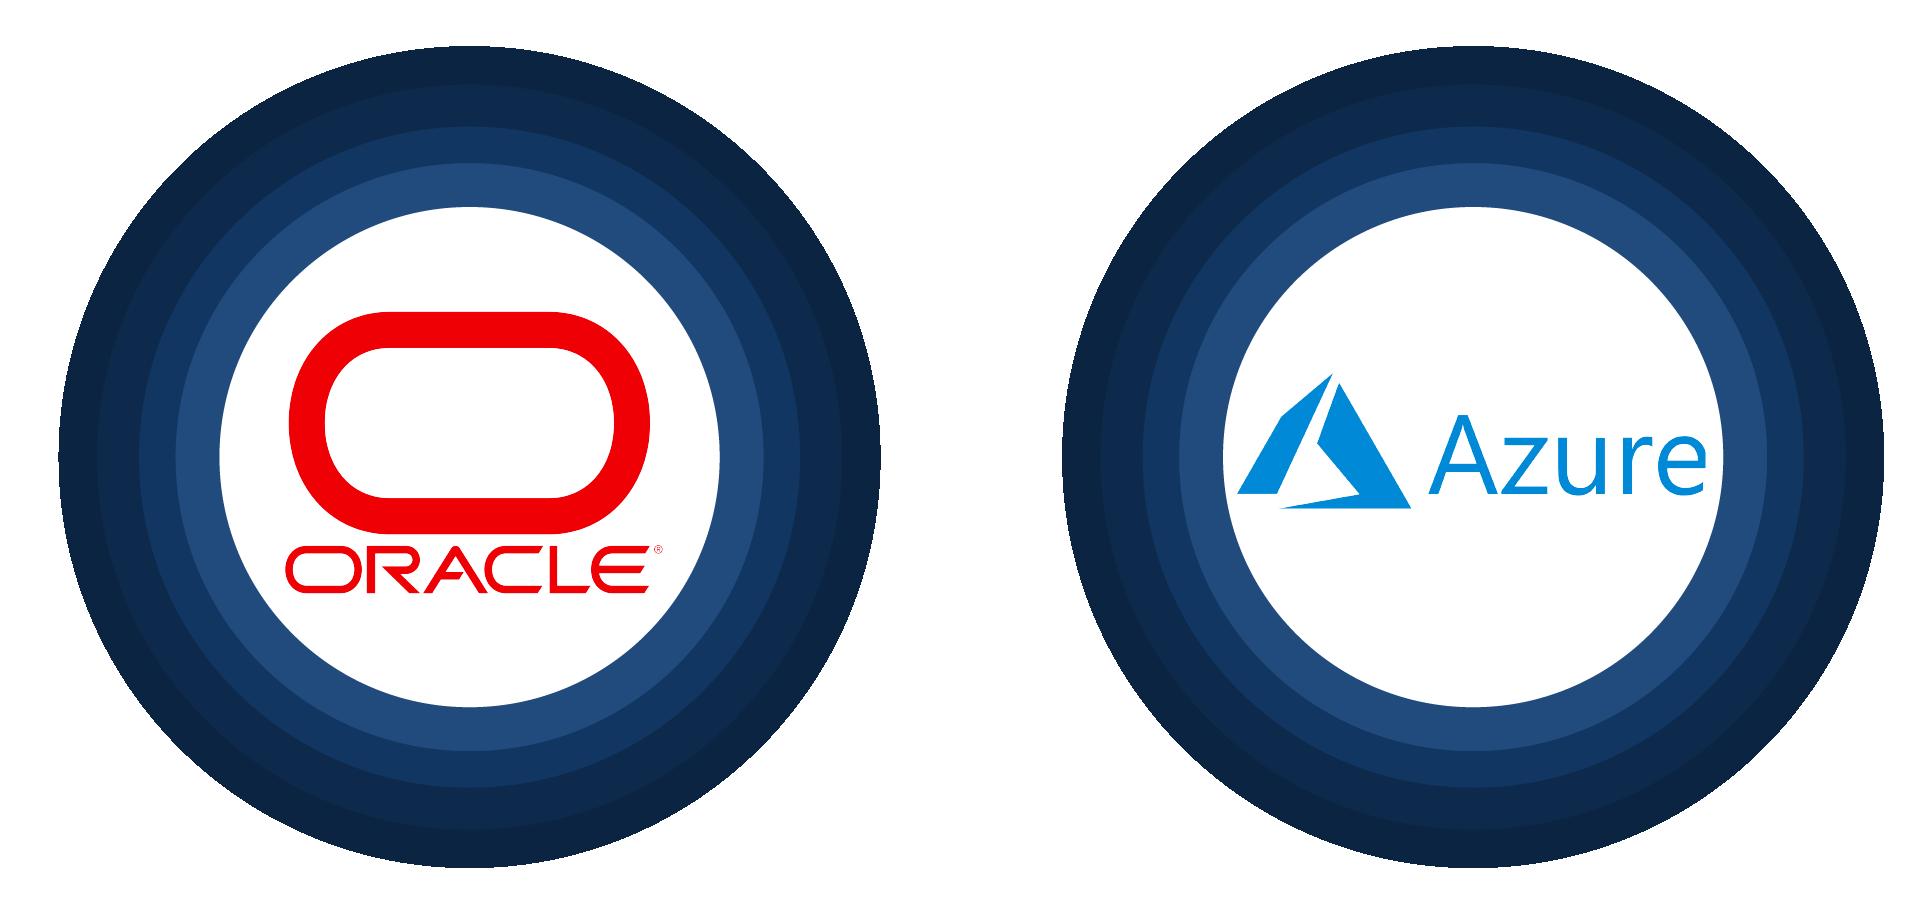 Product_Oracle-Azure_V1-01